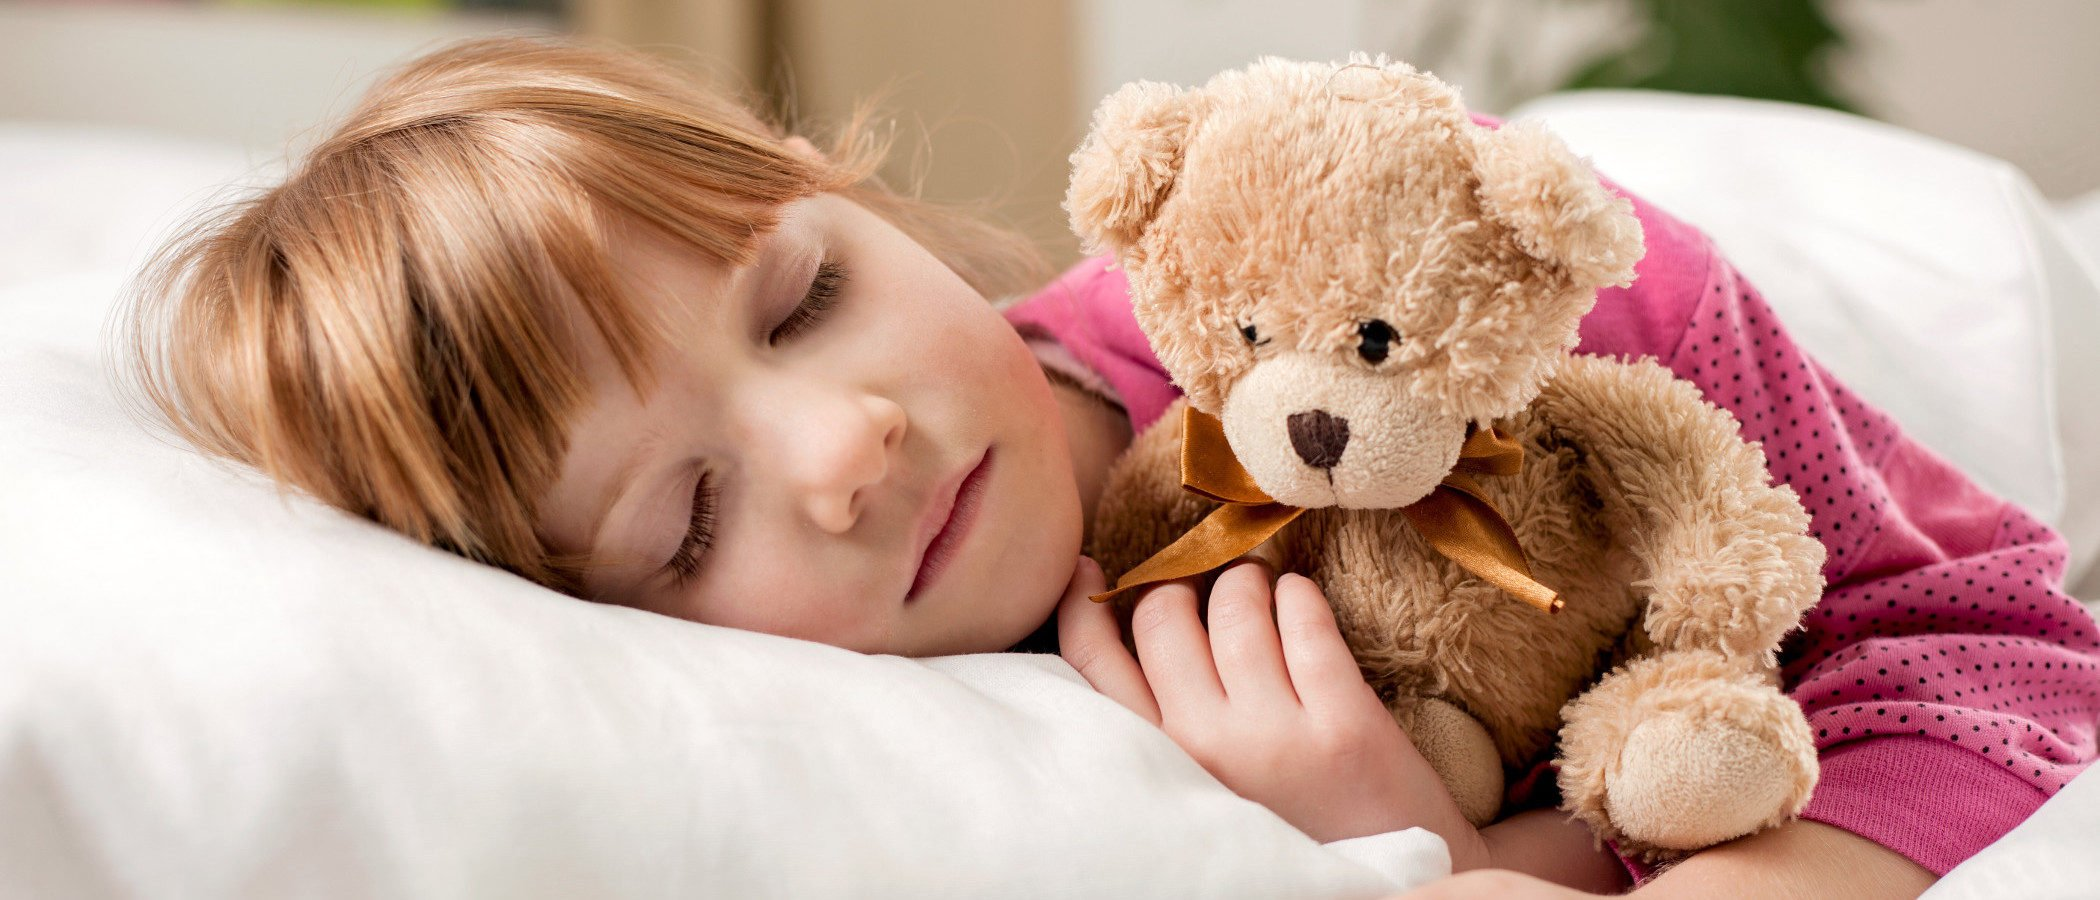 ¿Cuántas horas tiene que dormir un niño que va a la guardería?